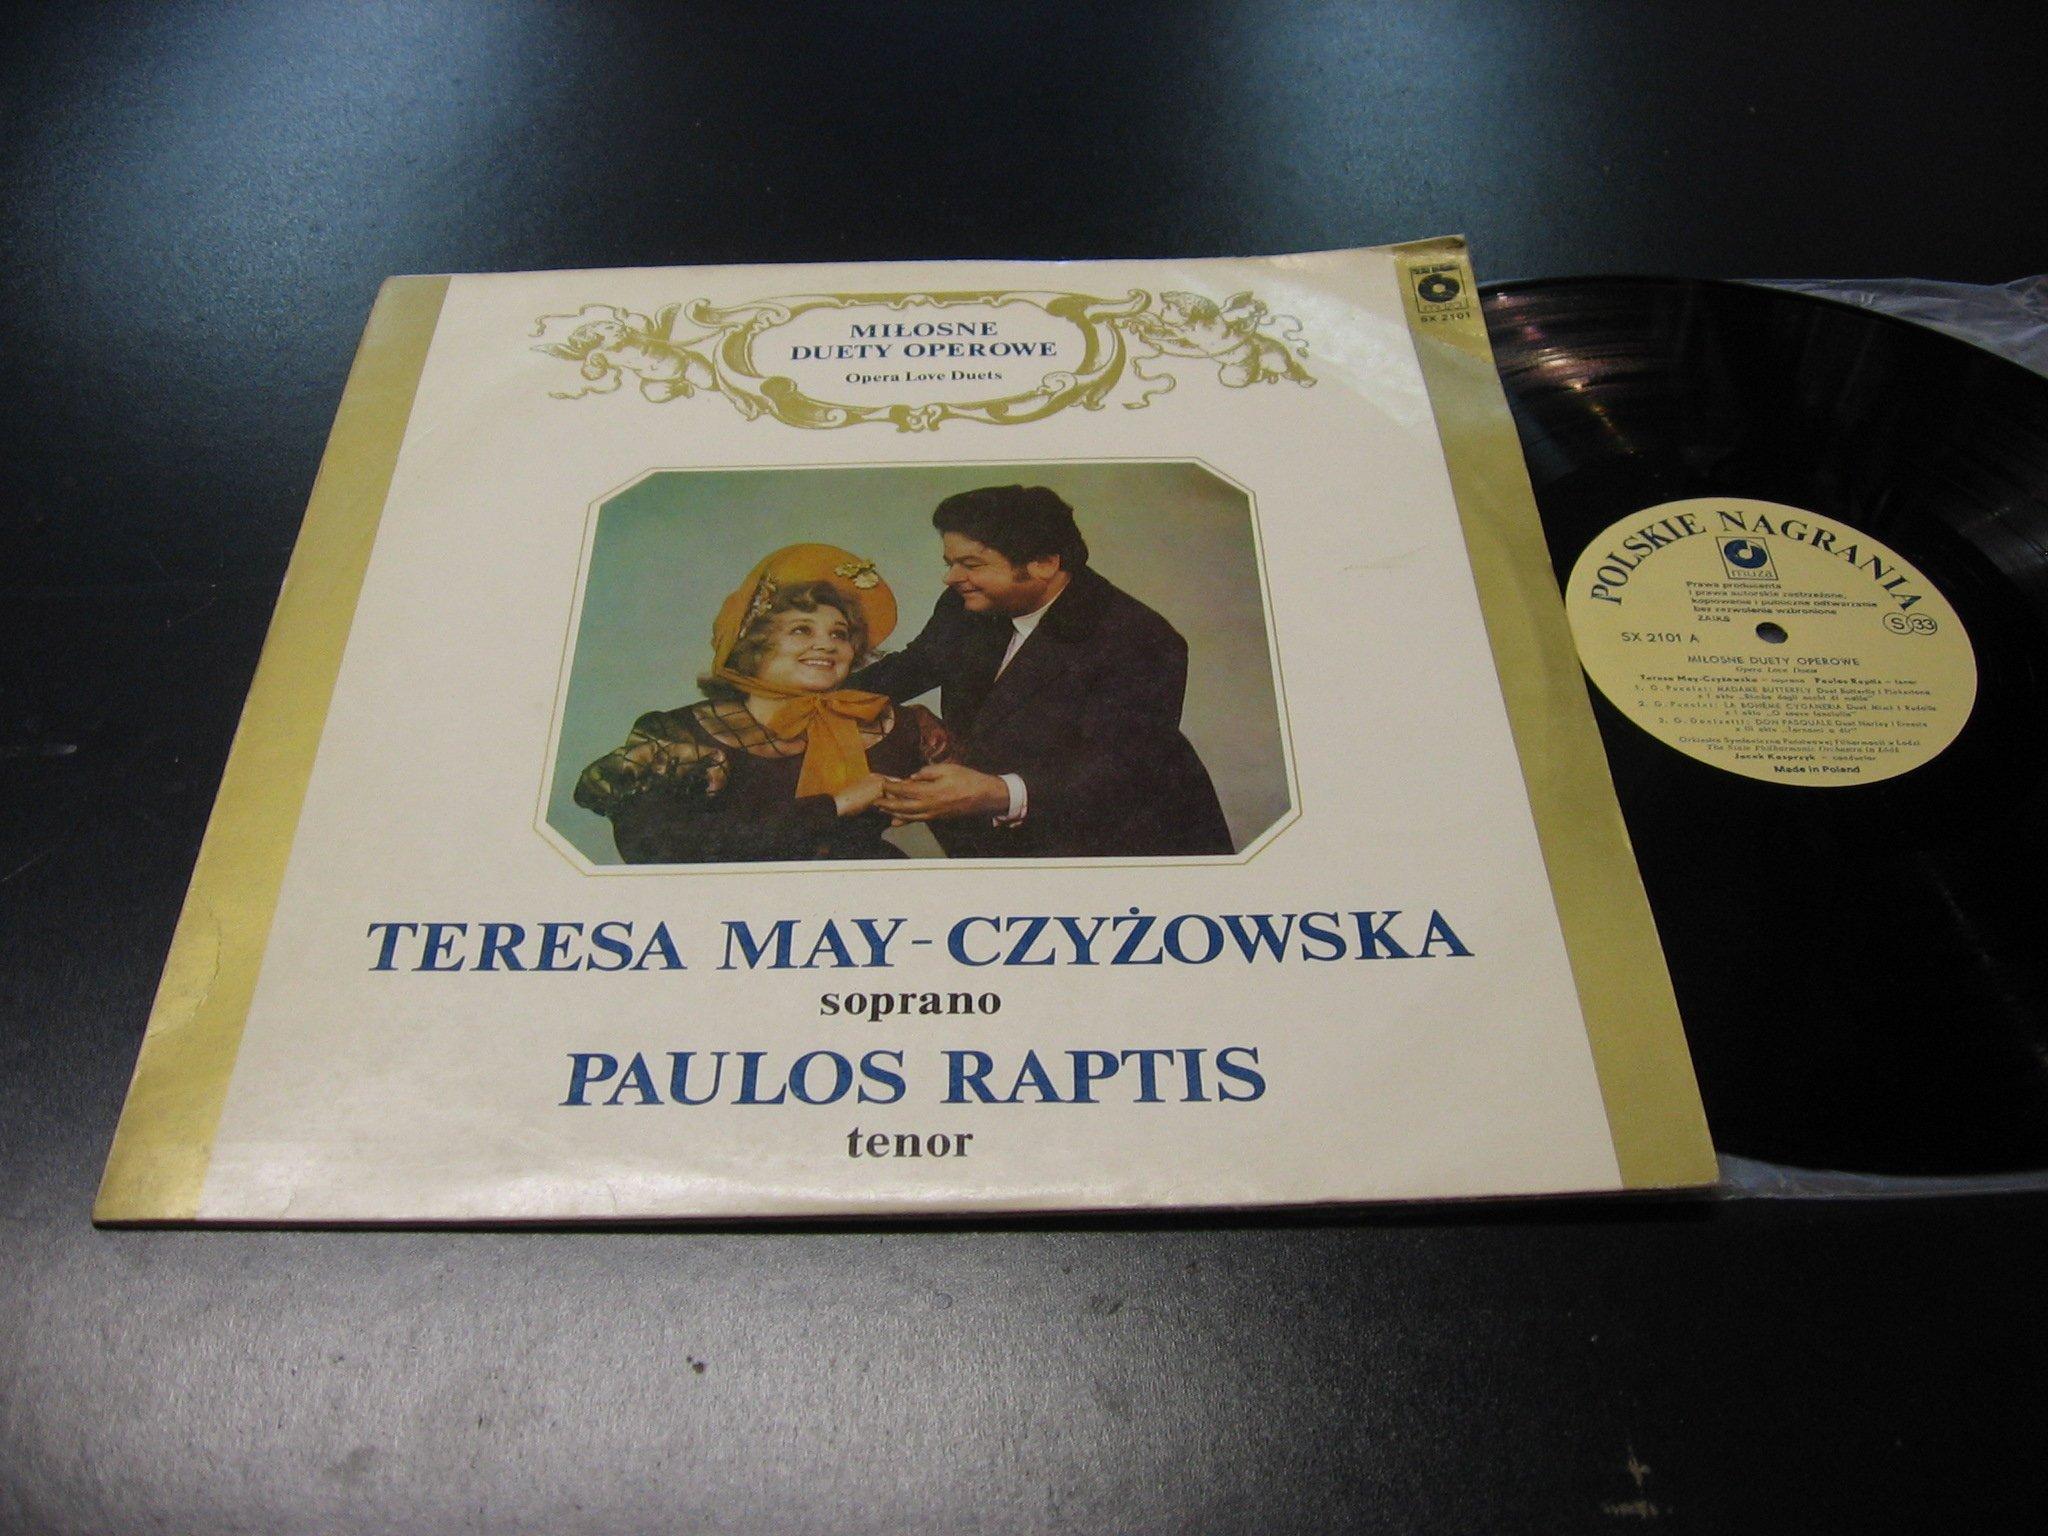 TERESA MAY CZYŻOWSKA PAULOS RAPTIS - LP - Opole